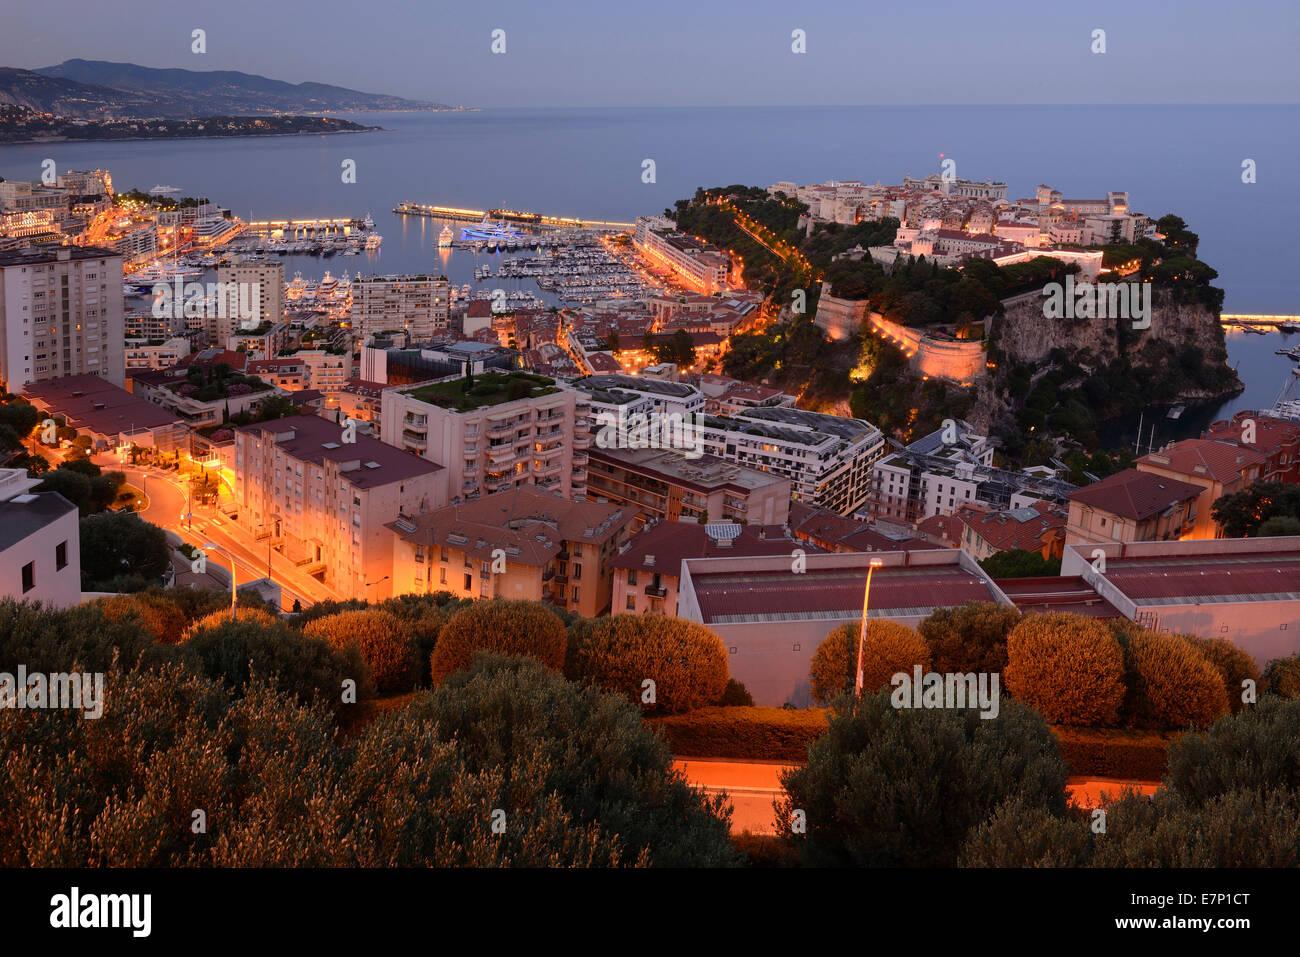 Europa, Francia, Principato di Monaco e Monte Carlo, Francese, Riviera, marina, lusso, Mediterraneo, costa, città, Immagini Stock